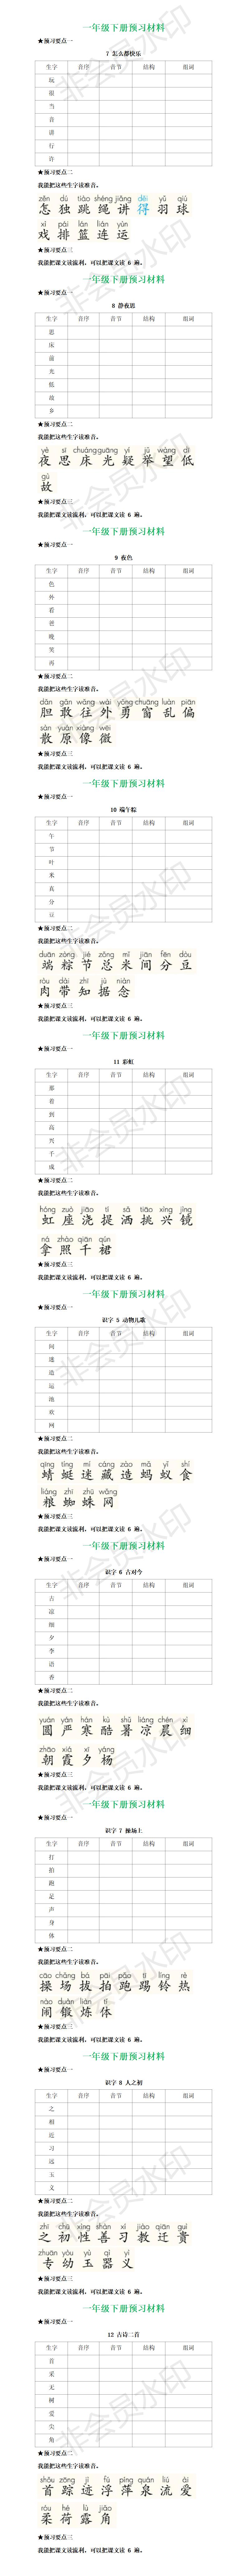 统编一年级语文下册全部课文预习清单2.png